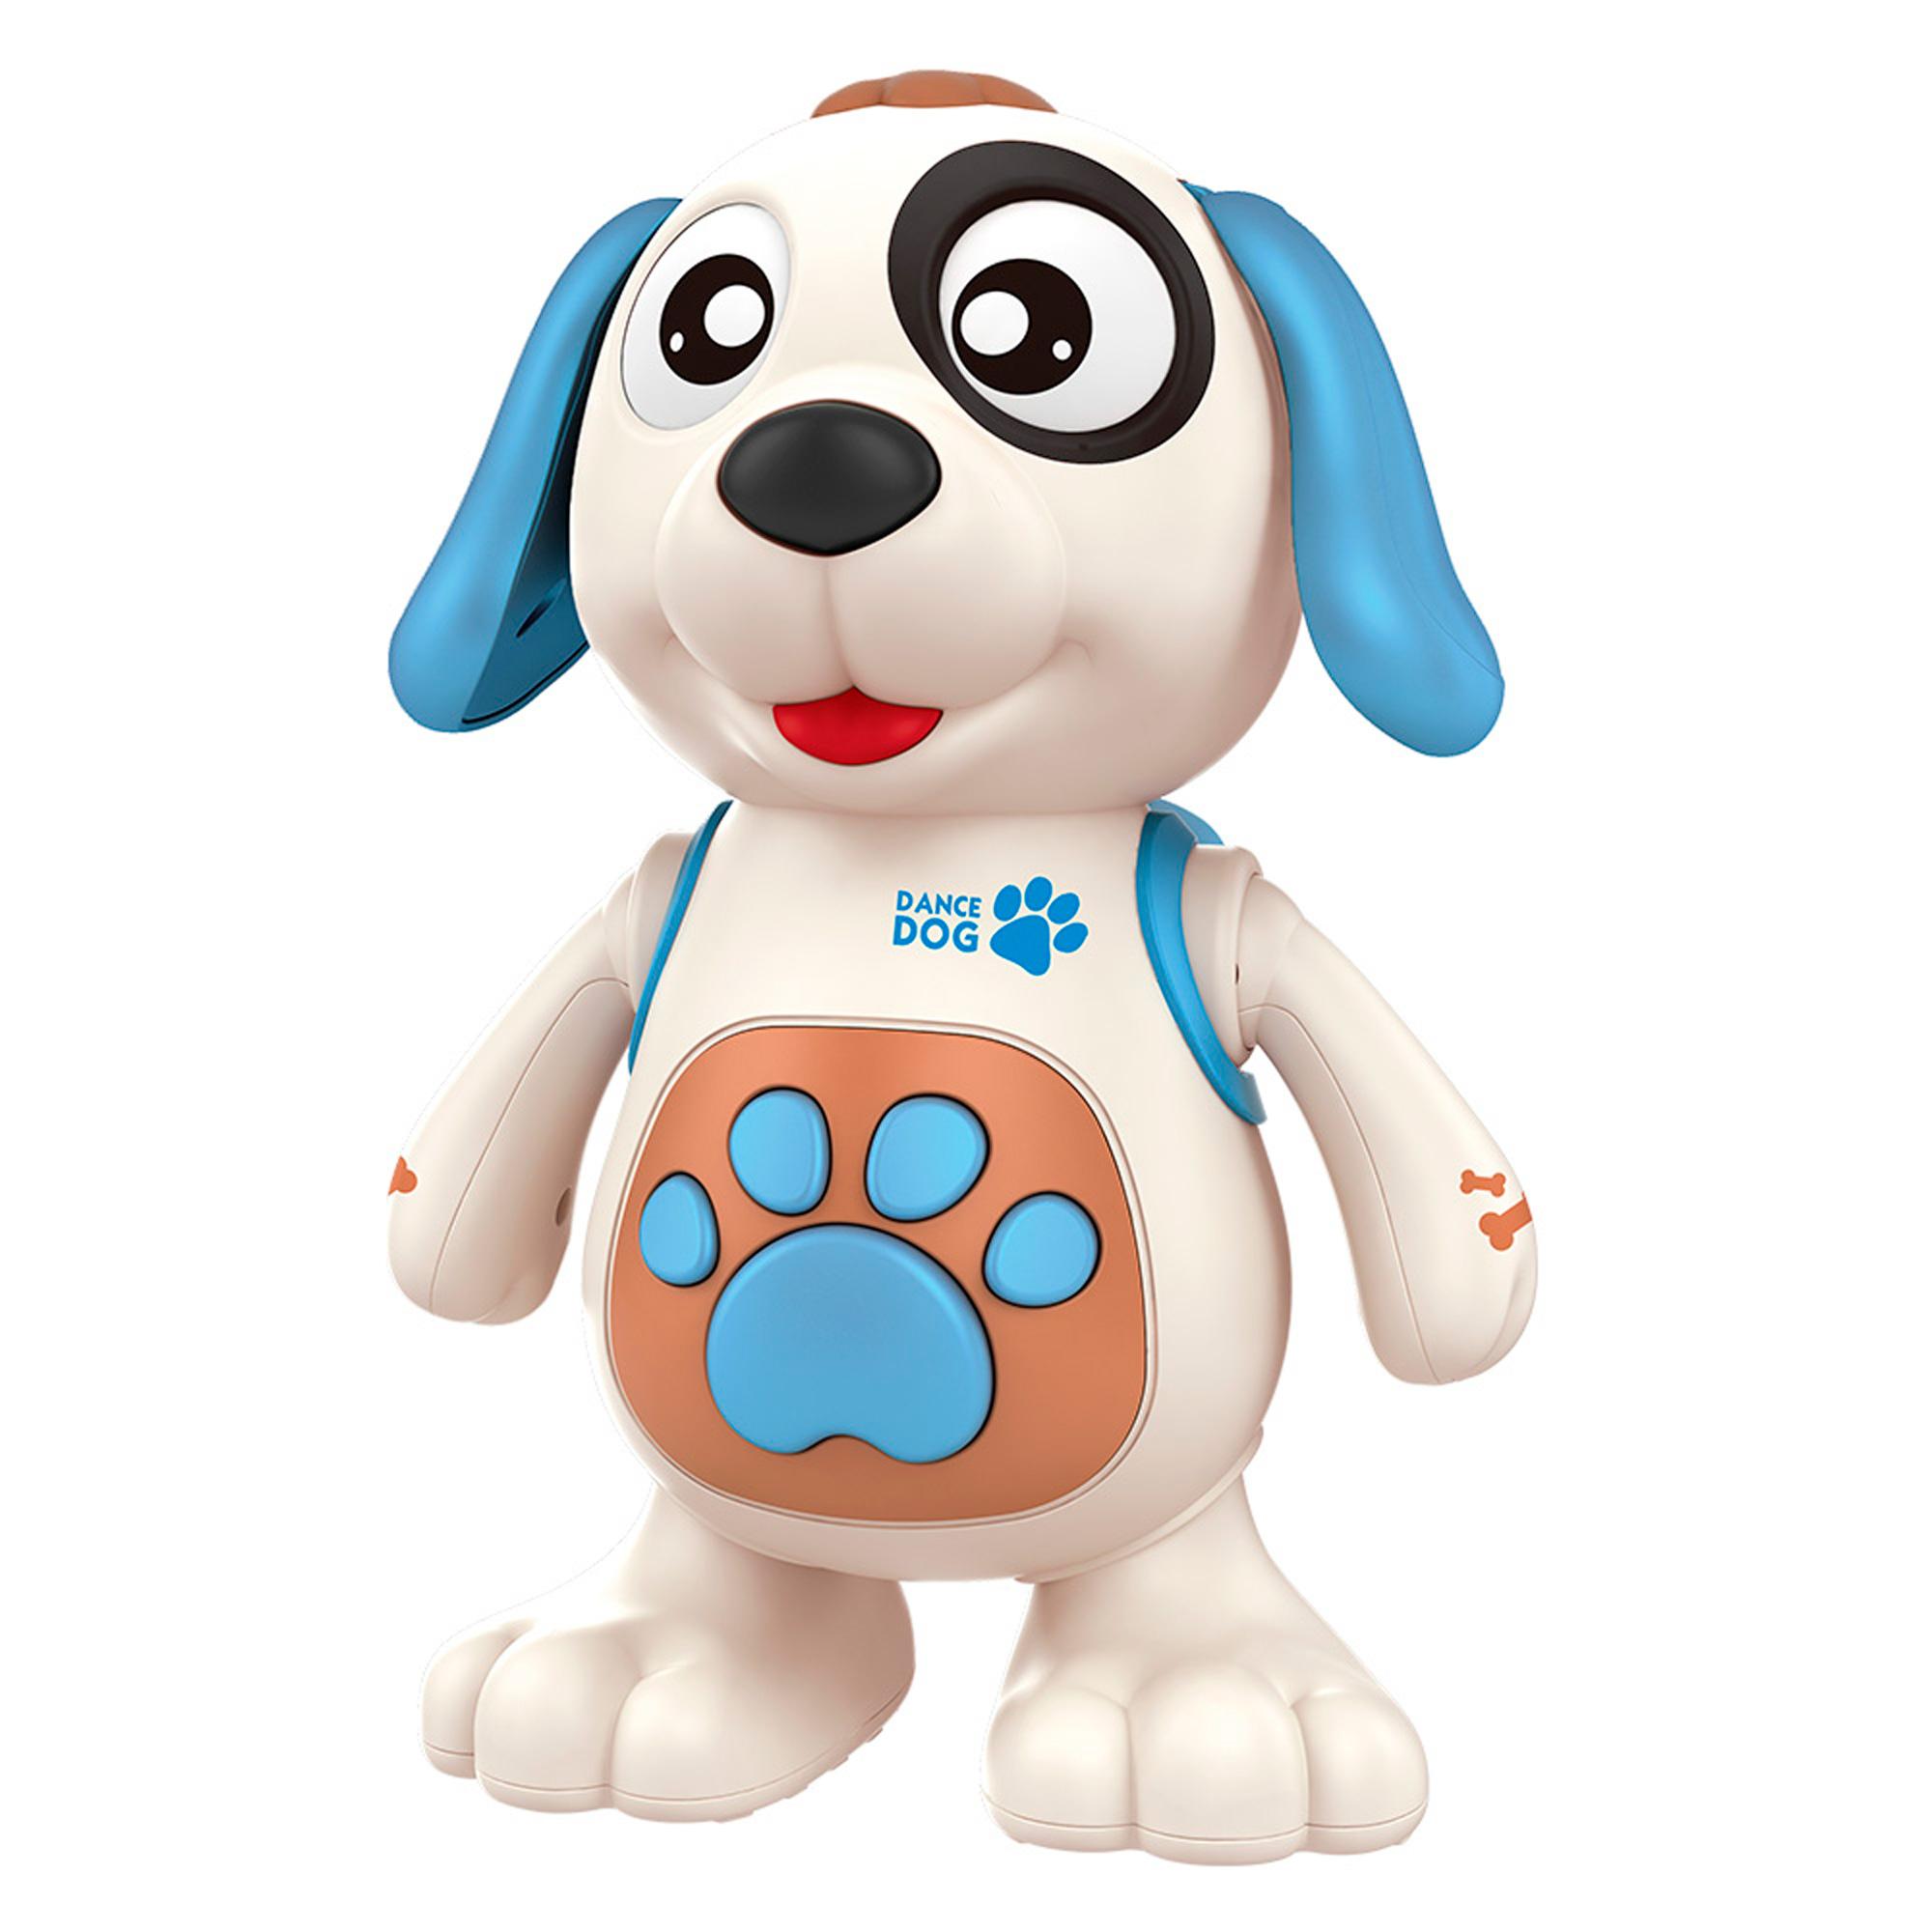 Cachorro Dançante Brinquedo Musical C/ Luz E Som